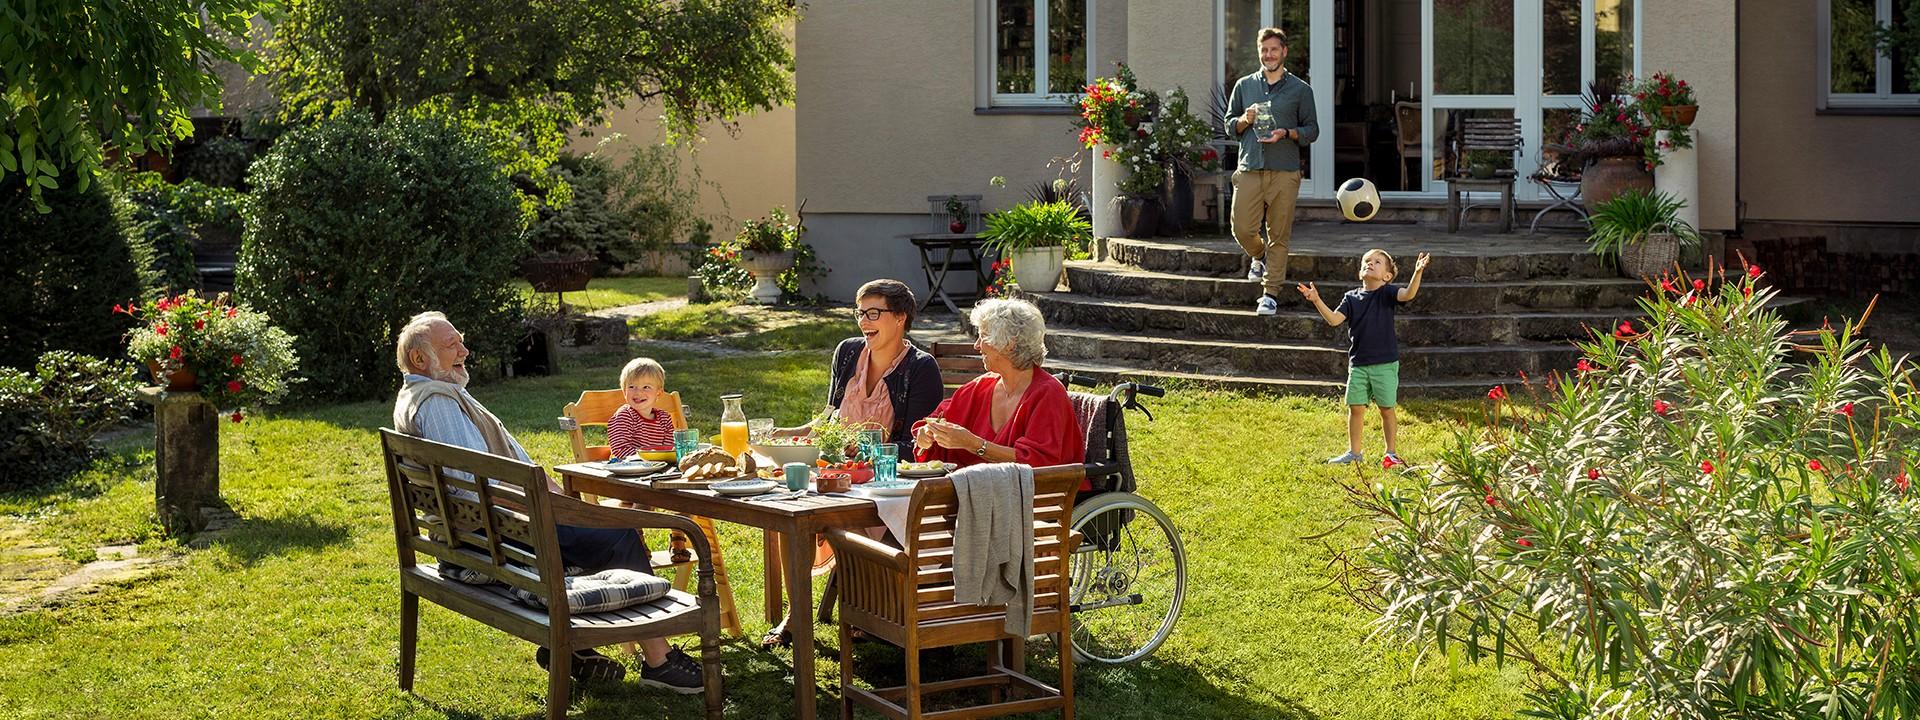 Großfamilie sitzt im Garten am Tisch